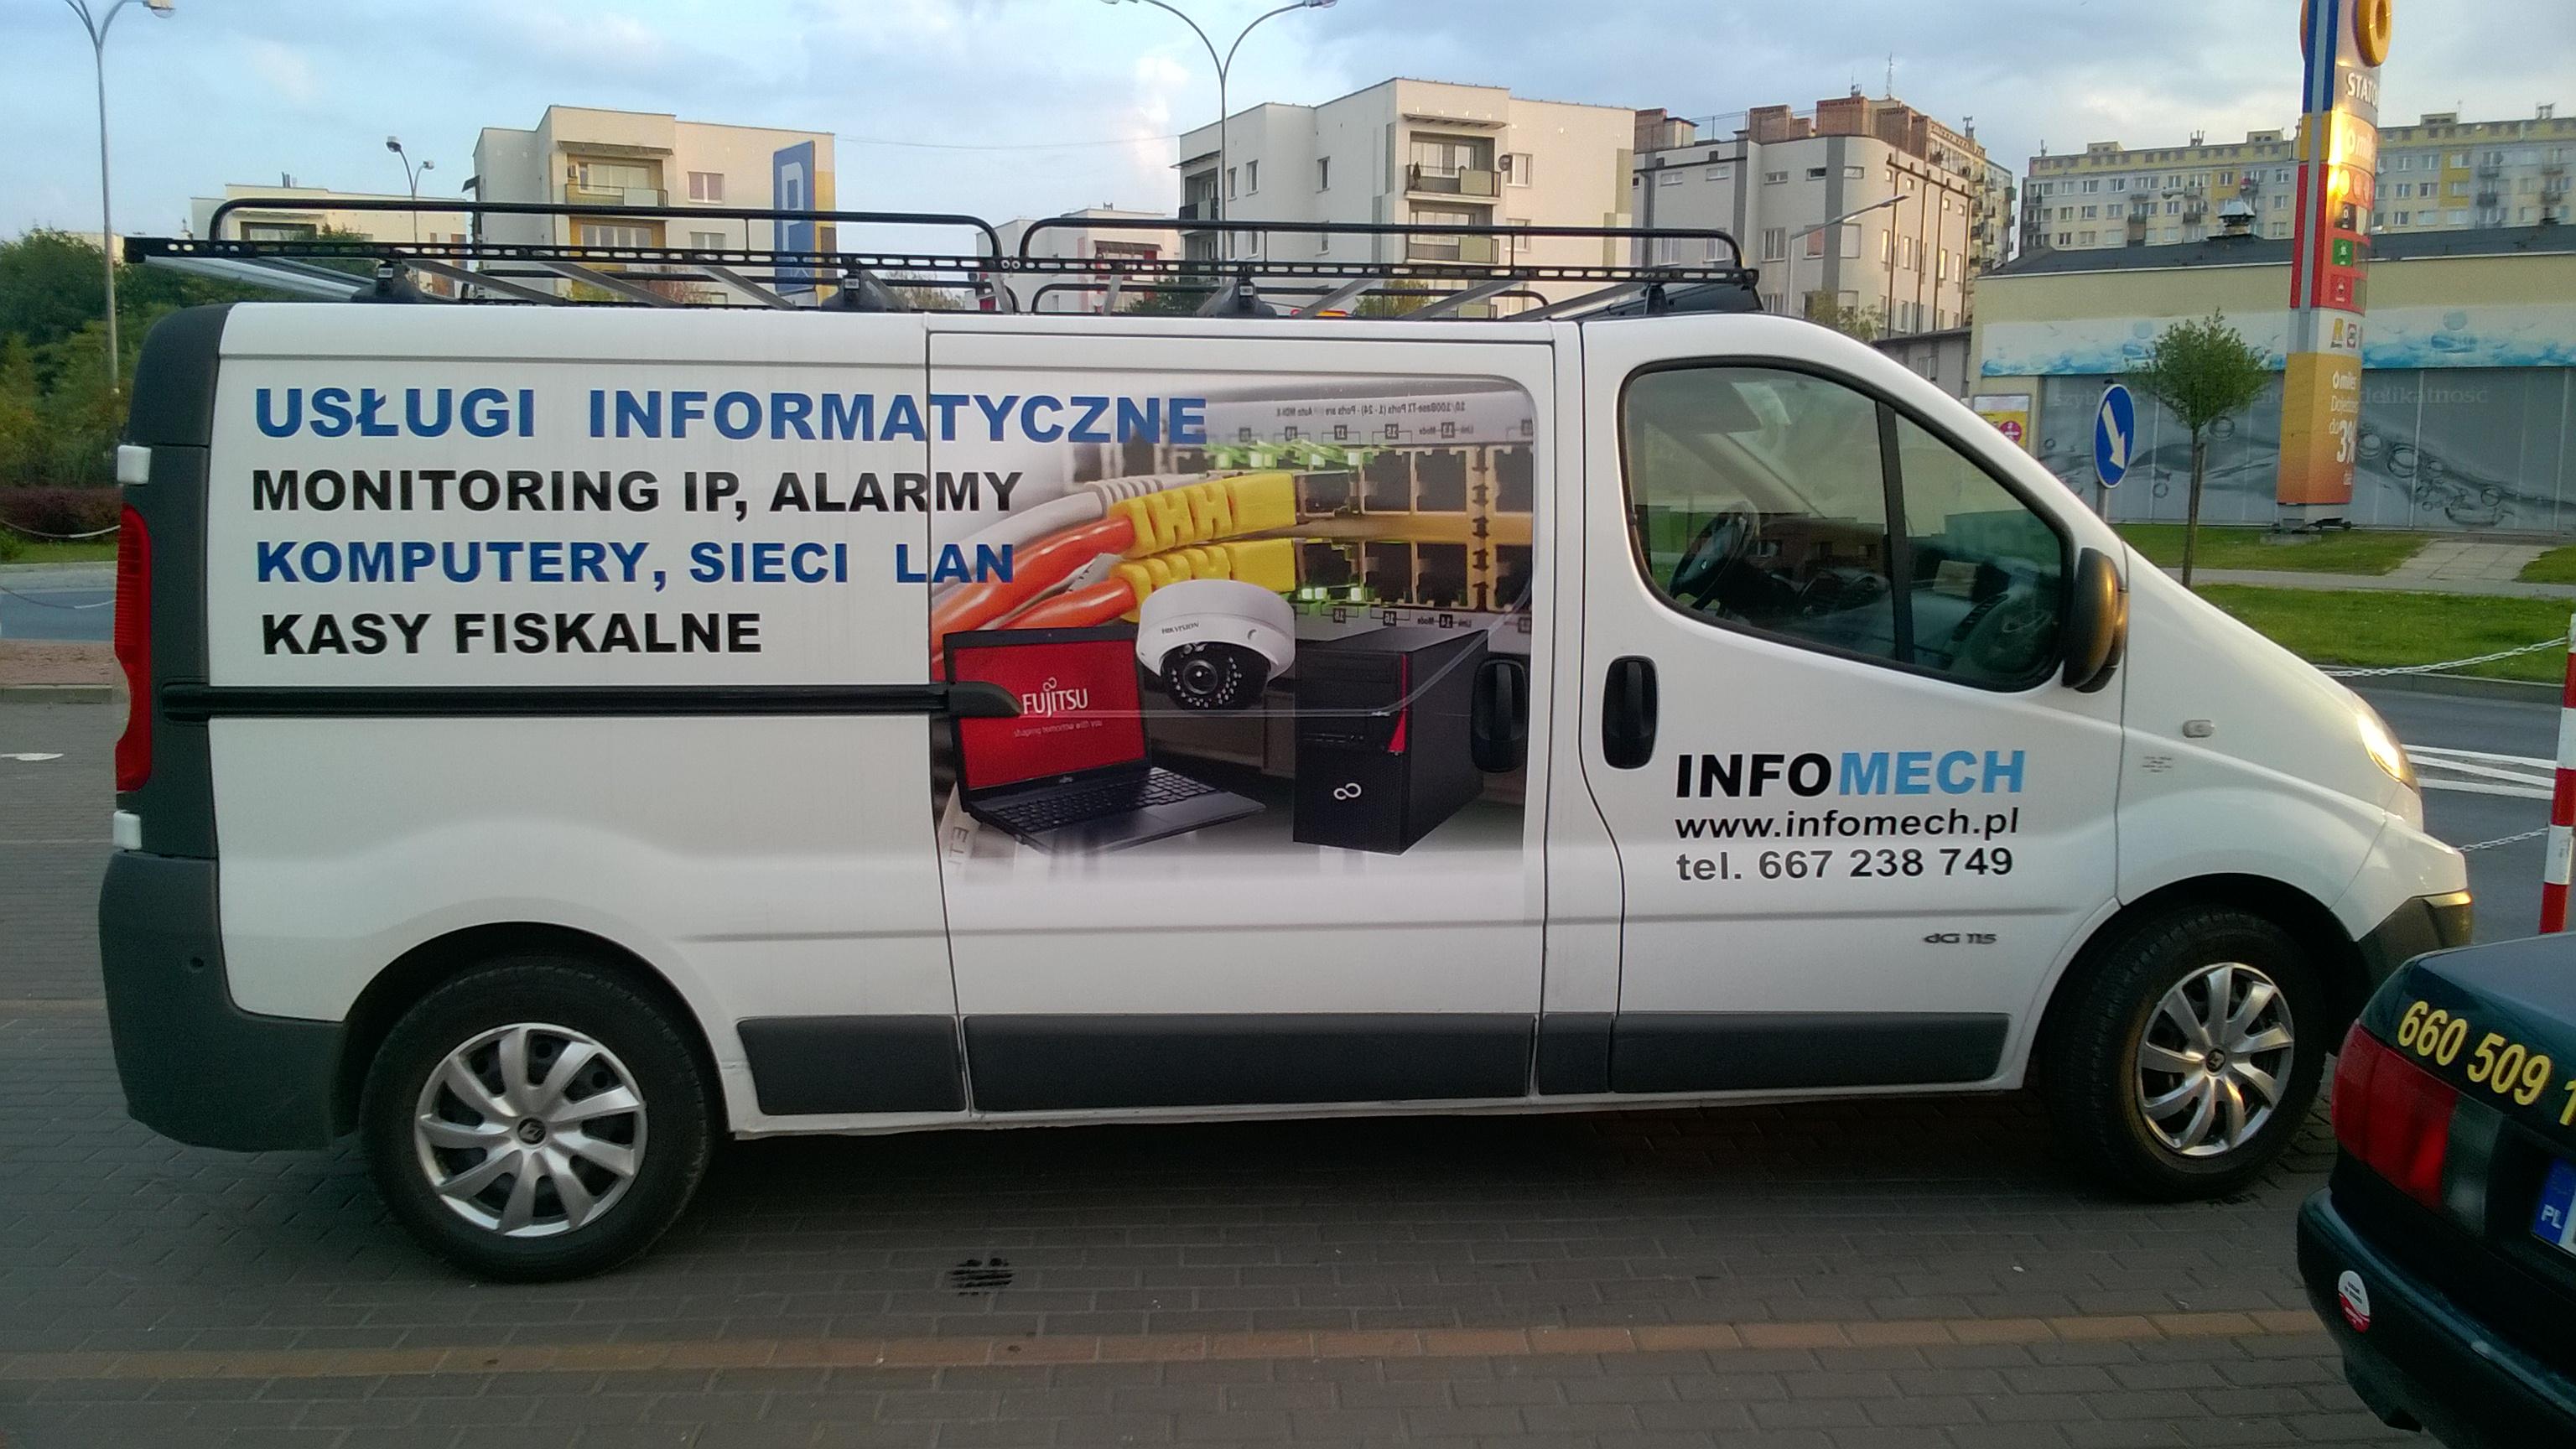 bus-techniczny-infomech-instalacje-elektryczne-i-teletechniczne-stalowa-wola-monitoring-bilgoraj-monitoring-zamosc-monitoring-stalowa-wola-infomech-mielec-alarmy-11